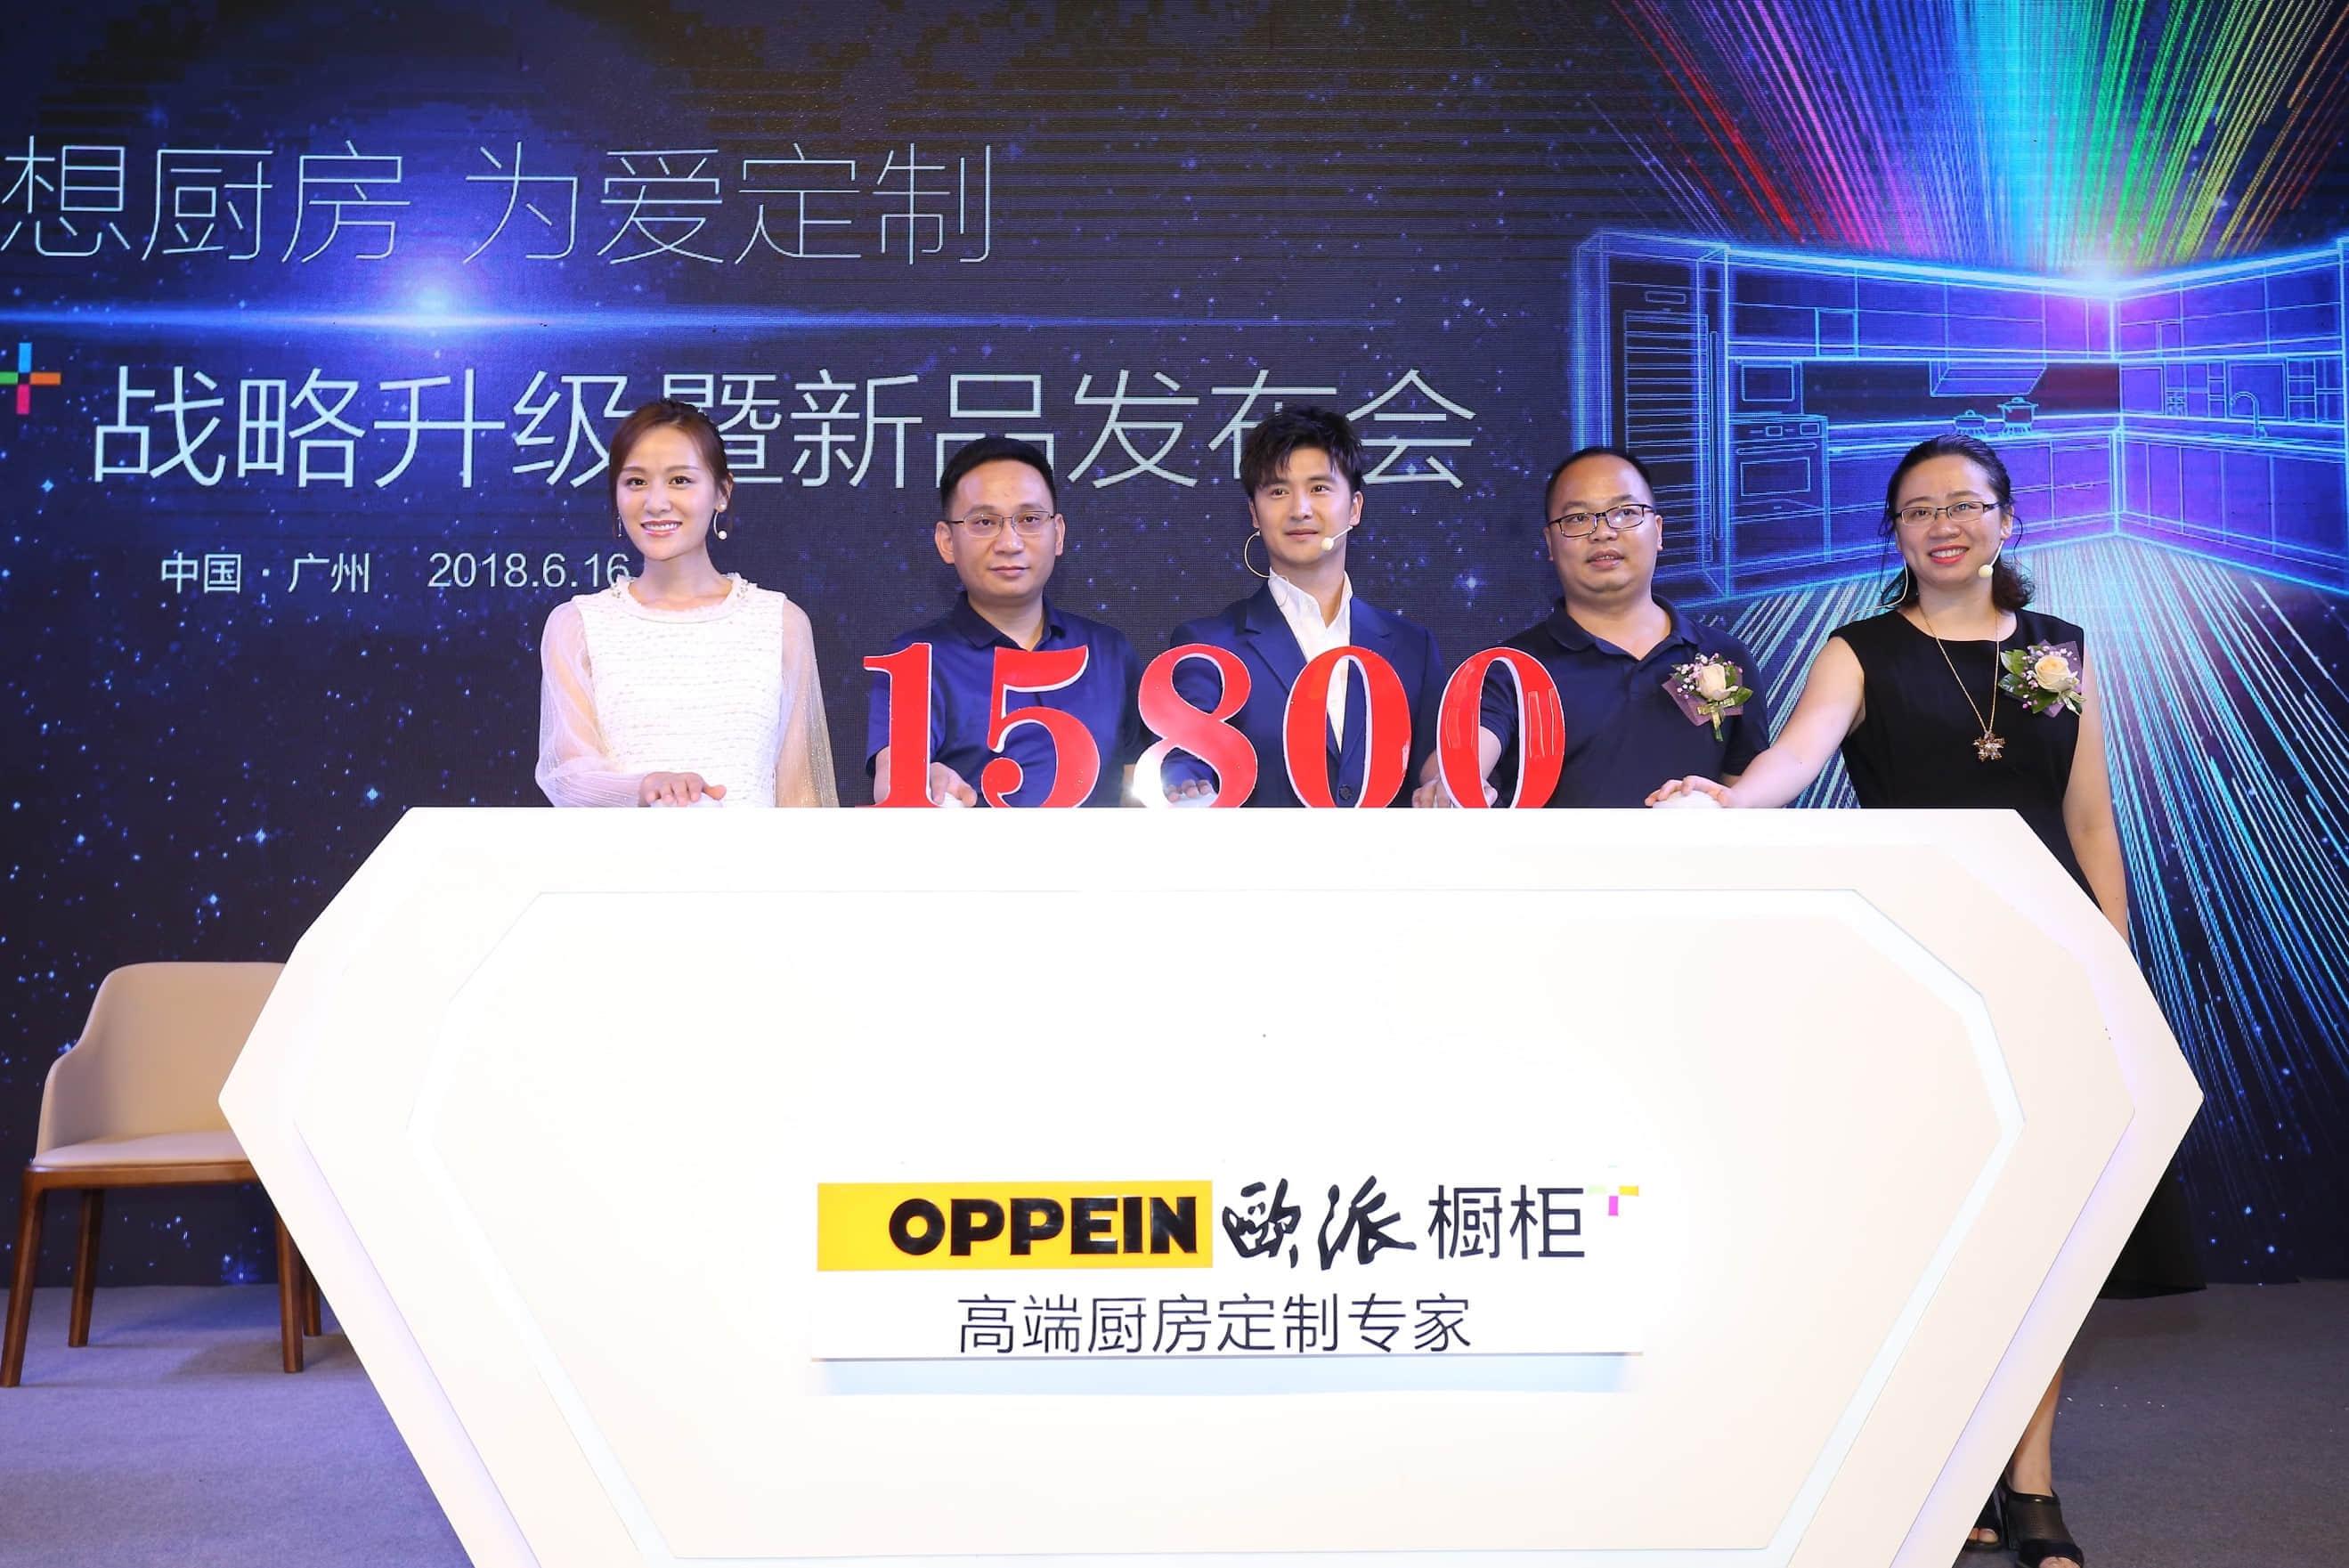 田亮、叶一茜与众多领导、嘉宾共同发布橱柜+新品及15800全能厨房套餐